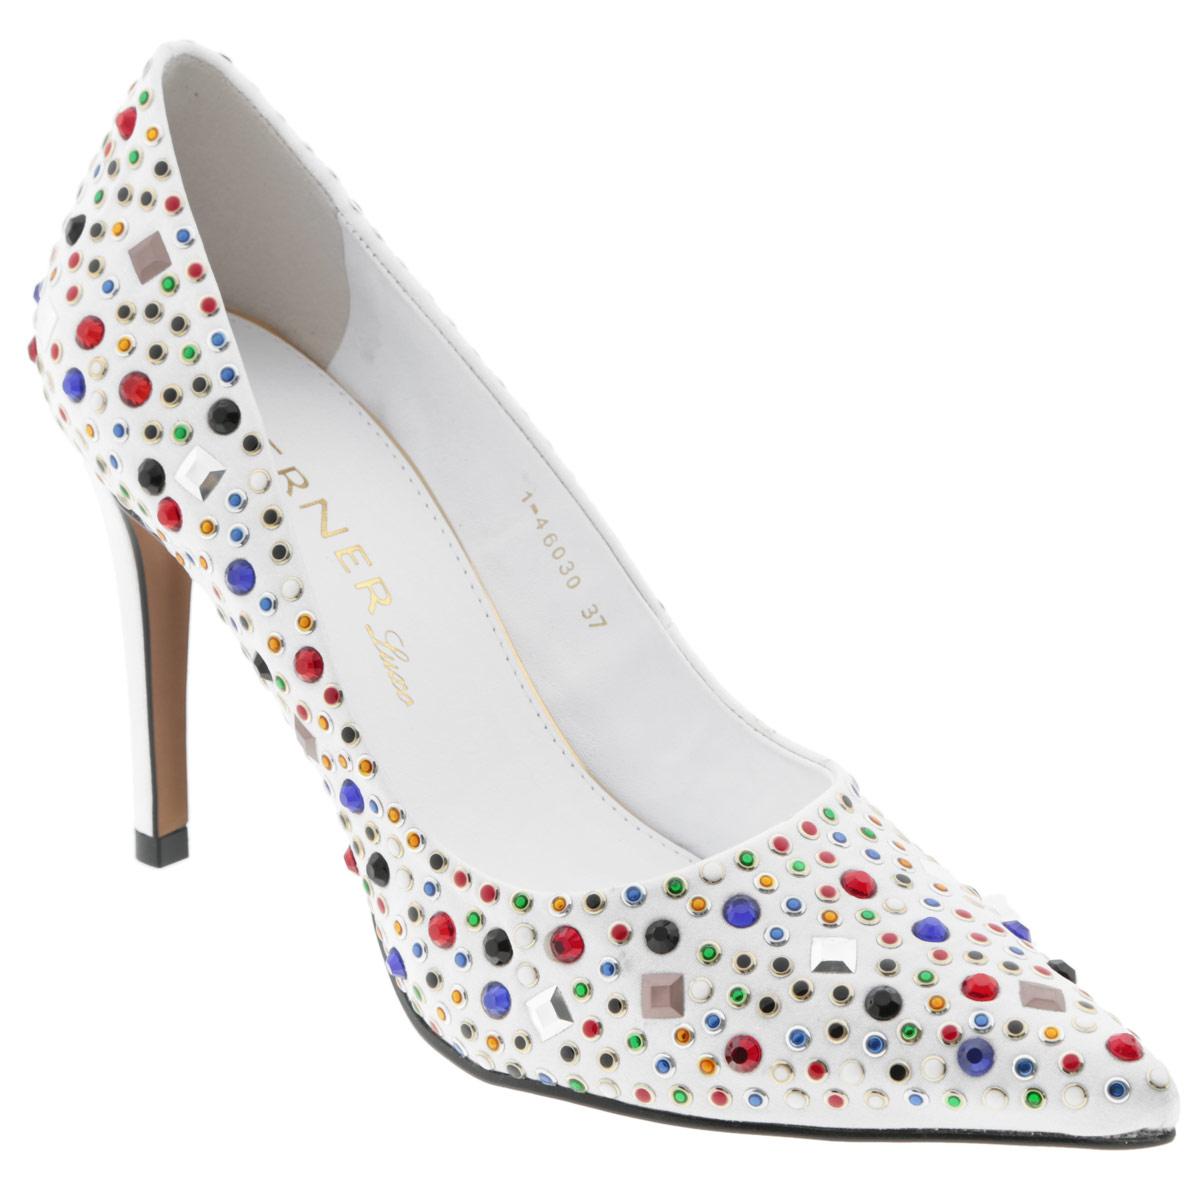 Туфли женские Werner, цвет: белый. 1-46030. Размер 37 (38)1-46030Яркие женские туфли на шпильке от Werner прекрасно подчеркнут ваш стиль. Верх модели выполнен из текстильного материала и оформлен цветными стразами и декоративными клепками. Внутренняя часть и стелька из натуральной кожи гарантируют комфорт и удобство при ходьбе. Высокий каблук подчеркнет красоту и стройность ваших ног. Подошва выполнена из прочного полимера с противоскользящим рифлением. Такие туфли станут прекрасным дополнением вашего гардероба. Они сделают вас ярче и подчеркнут вашу индивидуальность!